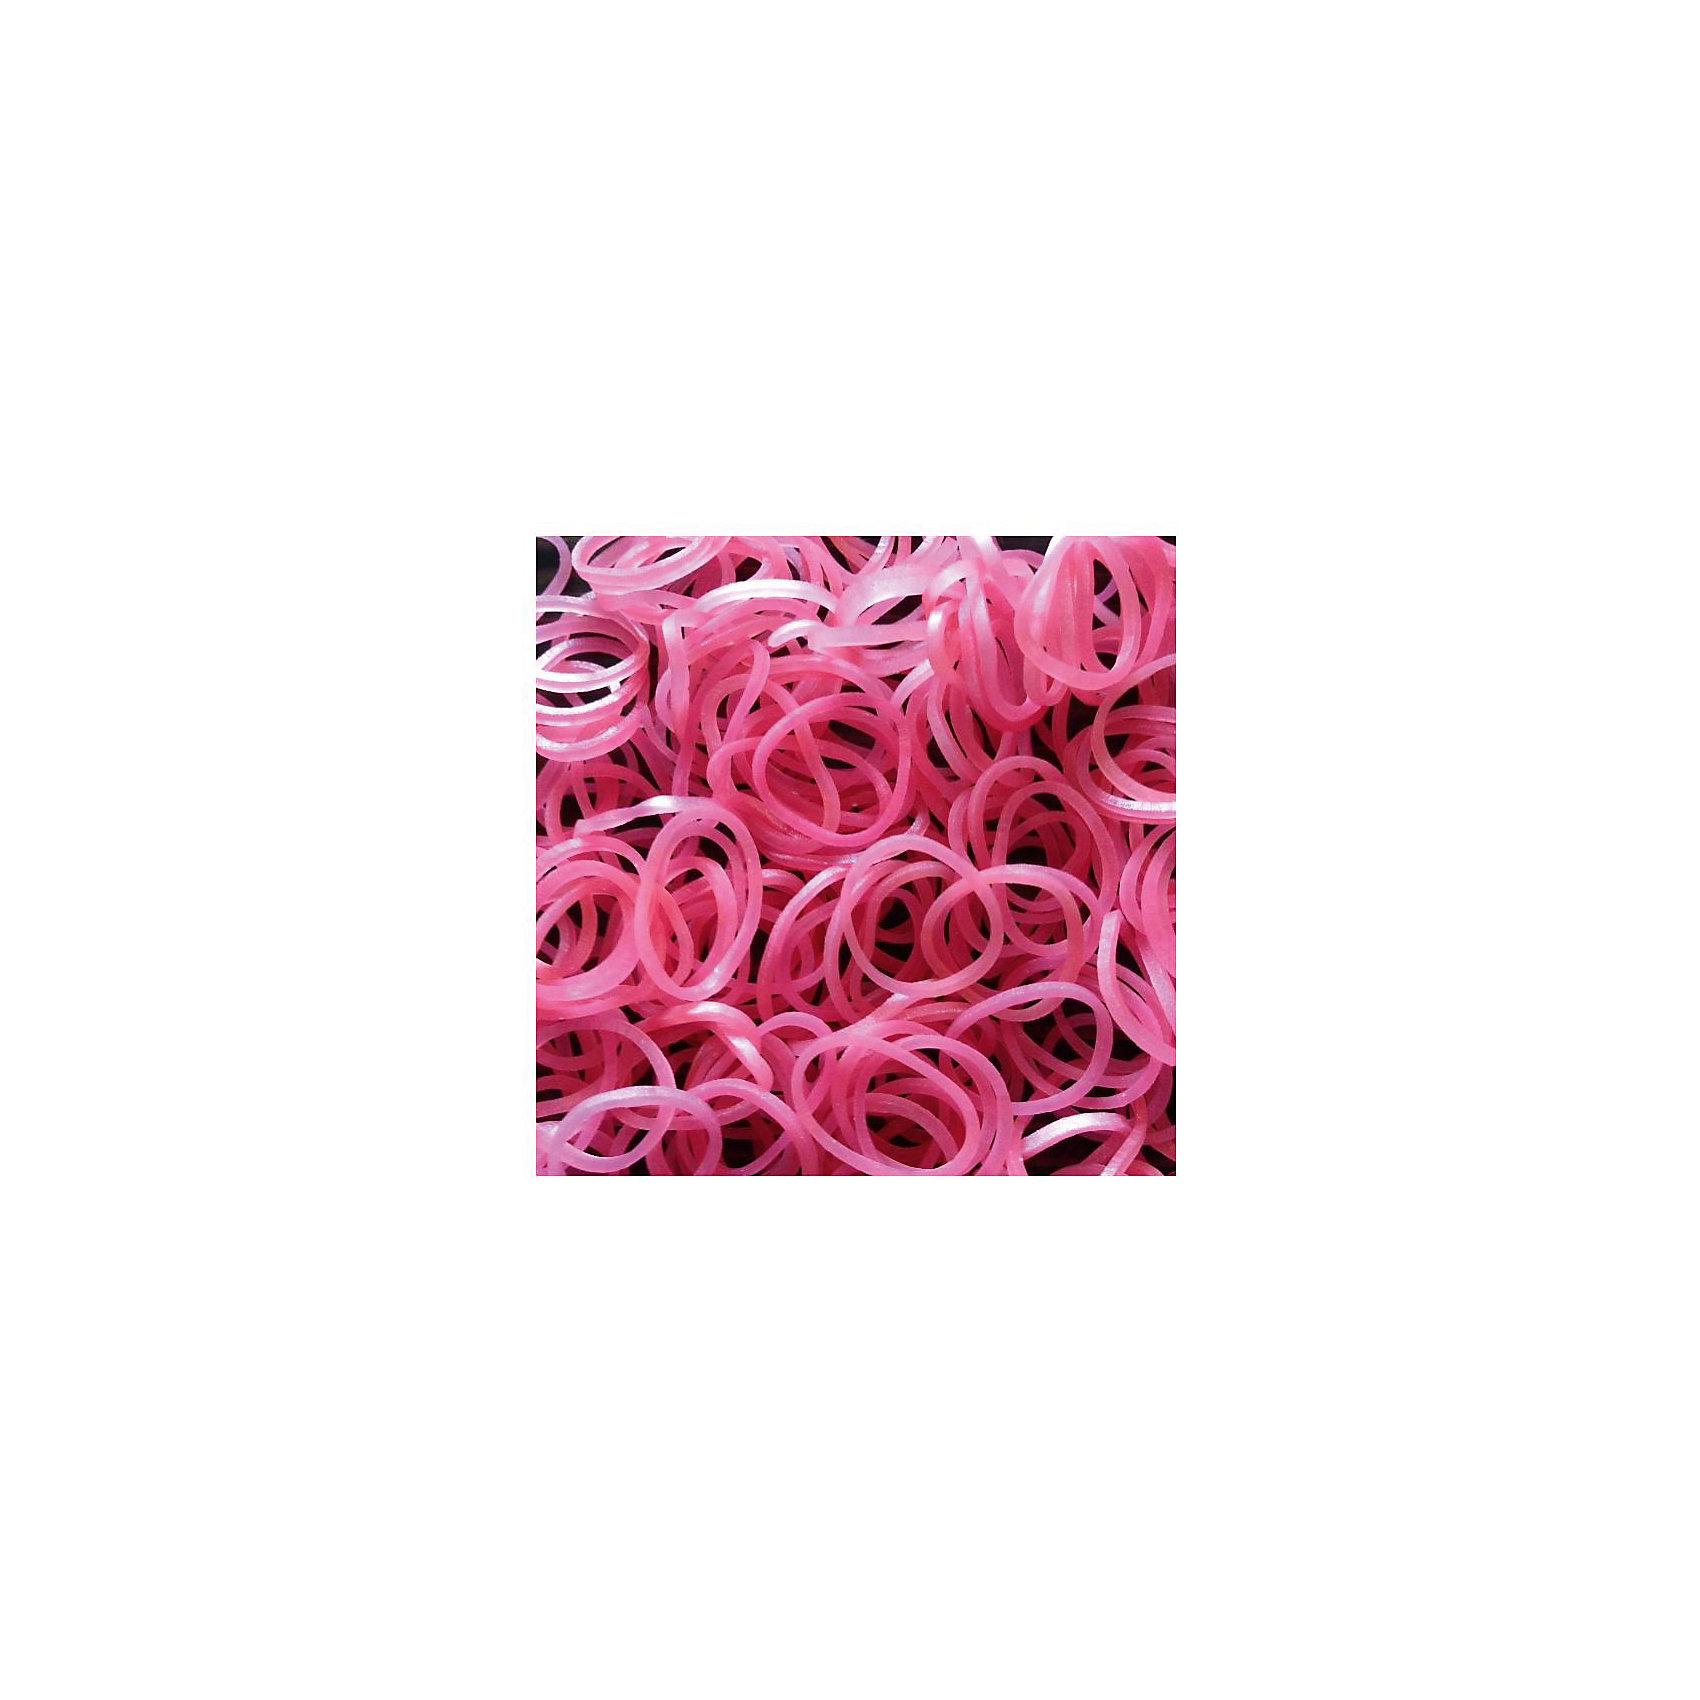 Резиночки Розовый перламутр, (24 с-клипсы+600 резиночек)Рукоделие<br>Набор миниатюрных резиночек Неон микс ярких оттенков от Rainbow Loom (Рэйнбоу Лум) привлечет девочку и поможет создать необычные украшения для себя и подруг. Резиночки приятно брать в руки, они хорошо тянутся, их удобно размещать на станке, плести руками или крючком. Готовый браслет или ожерелье можно соединить при помощи с-клипс, входящих в набор. <br><br>Дополнительная информация:<br><br>В наборе 300 резиночек и 12 пластиковых с-клипс. <br><br>Резиночки Розовый перламутр, (24 с-клипсы+600 резиночек)  можно купить в нашем магазине.<br><br>Ширина мм: 110<br>Глубина мм: 55<br>Высота мм: 15<br>Вес г: 51<br>Возраст от месяцев: 84<br>Возраст до месяцев: 204<br>Пол: Унисекс<br>Возраст: Детский<br>SKU: 4141088